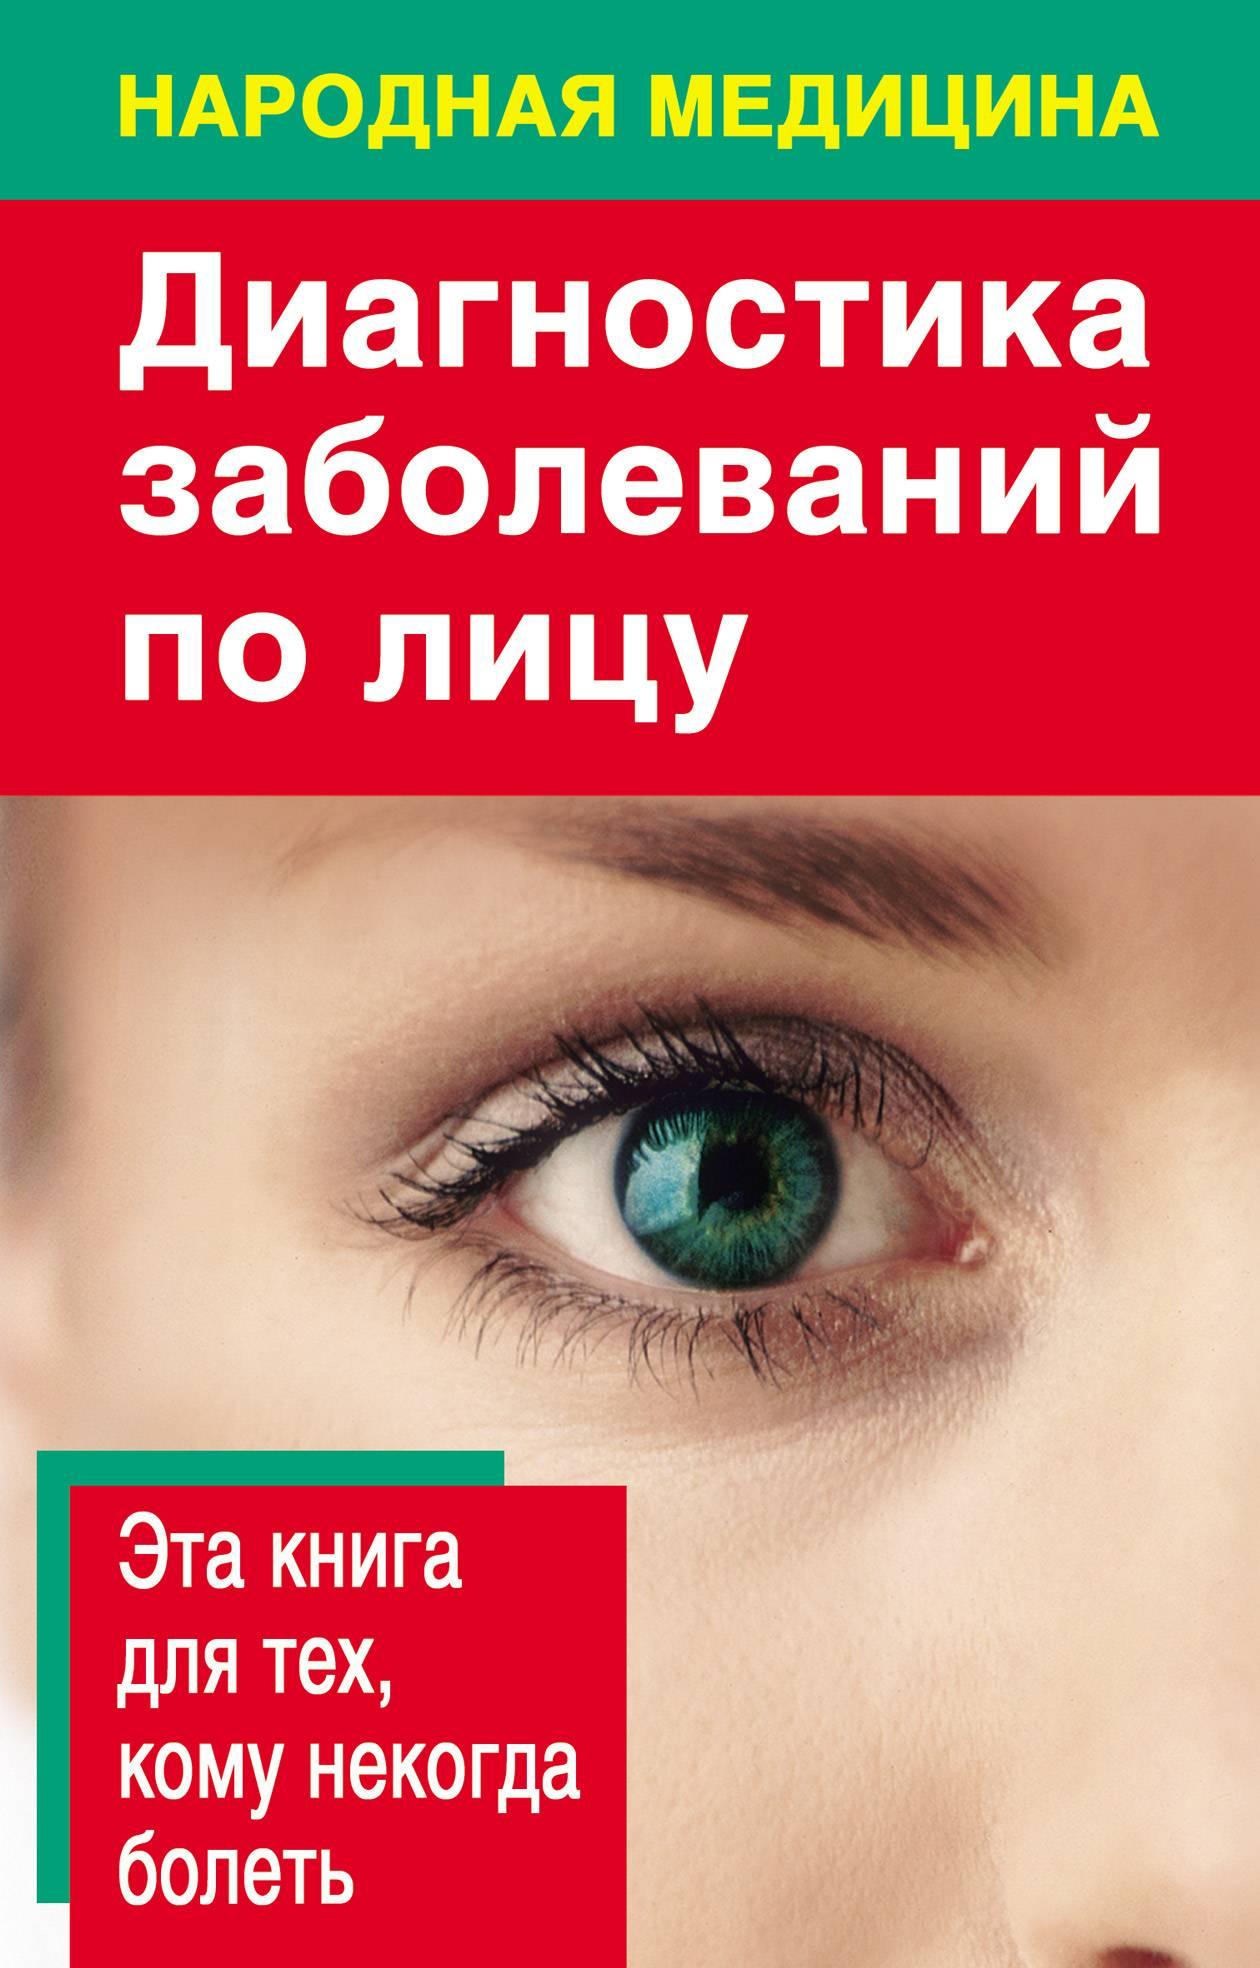 Покраснение белков глаз у ребенка. причины, вызывающие этот симптом, и методы борьбы с ним